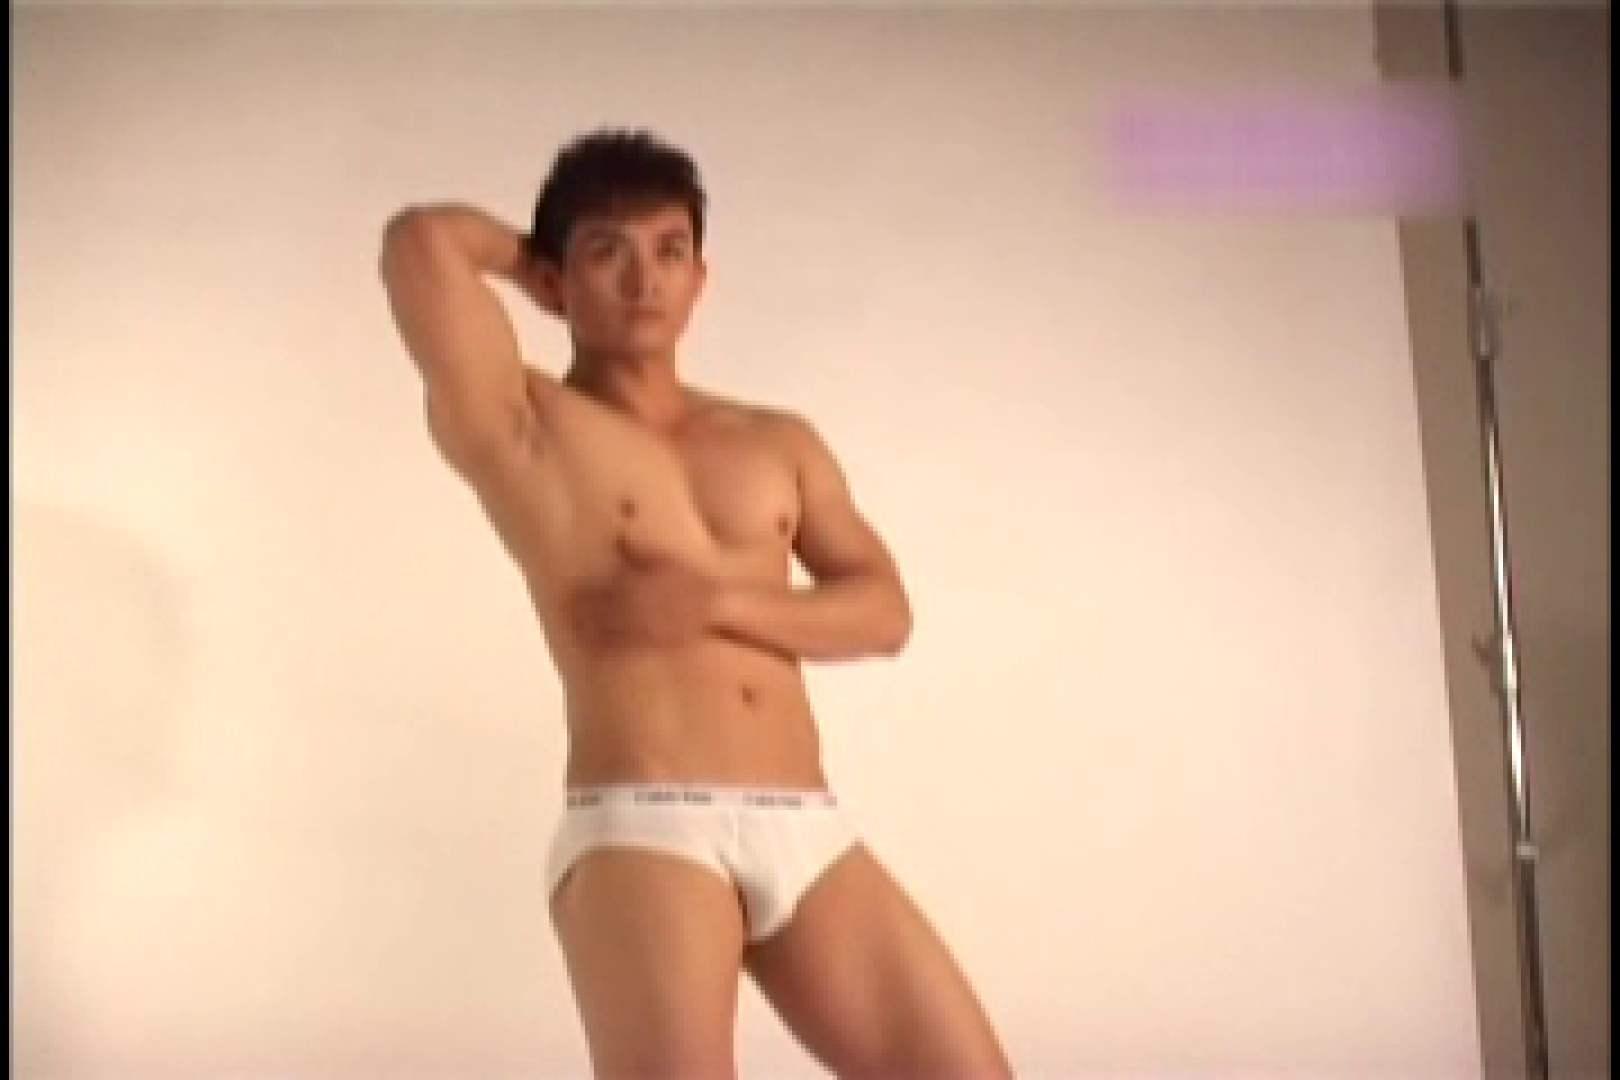 中出有名ゲイ雑誌★魅力●生★付録DVD収録スーパーモデルヌードvol7 ゲイのモデル | ゲイヌード  12枚 7